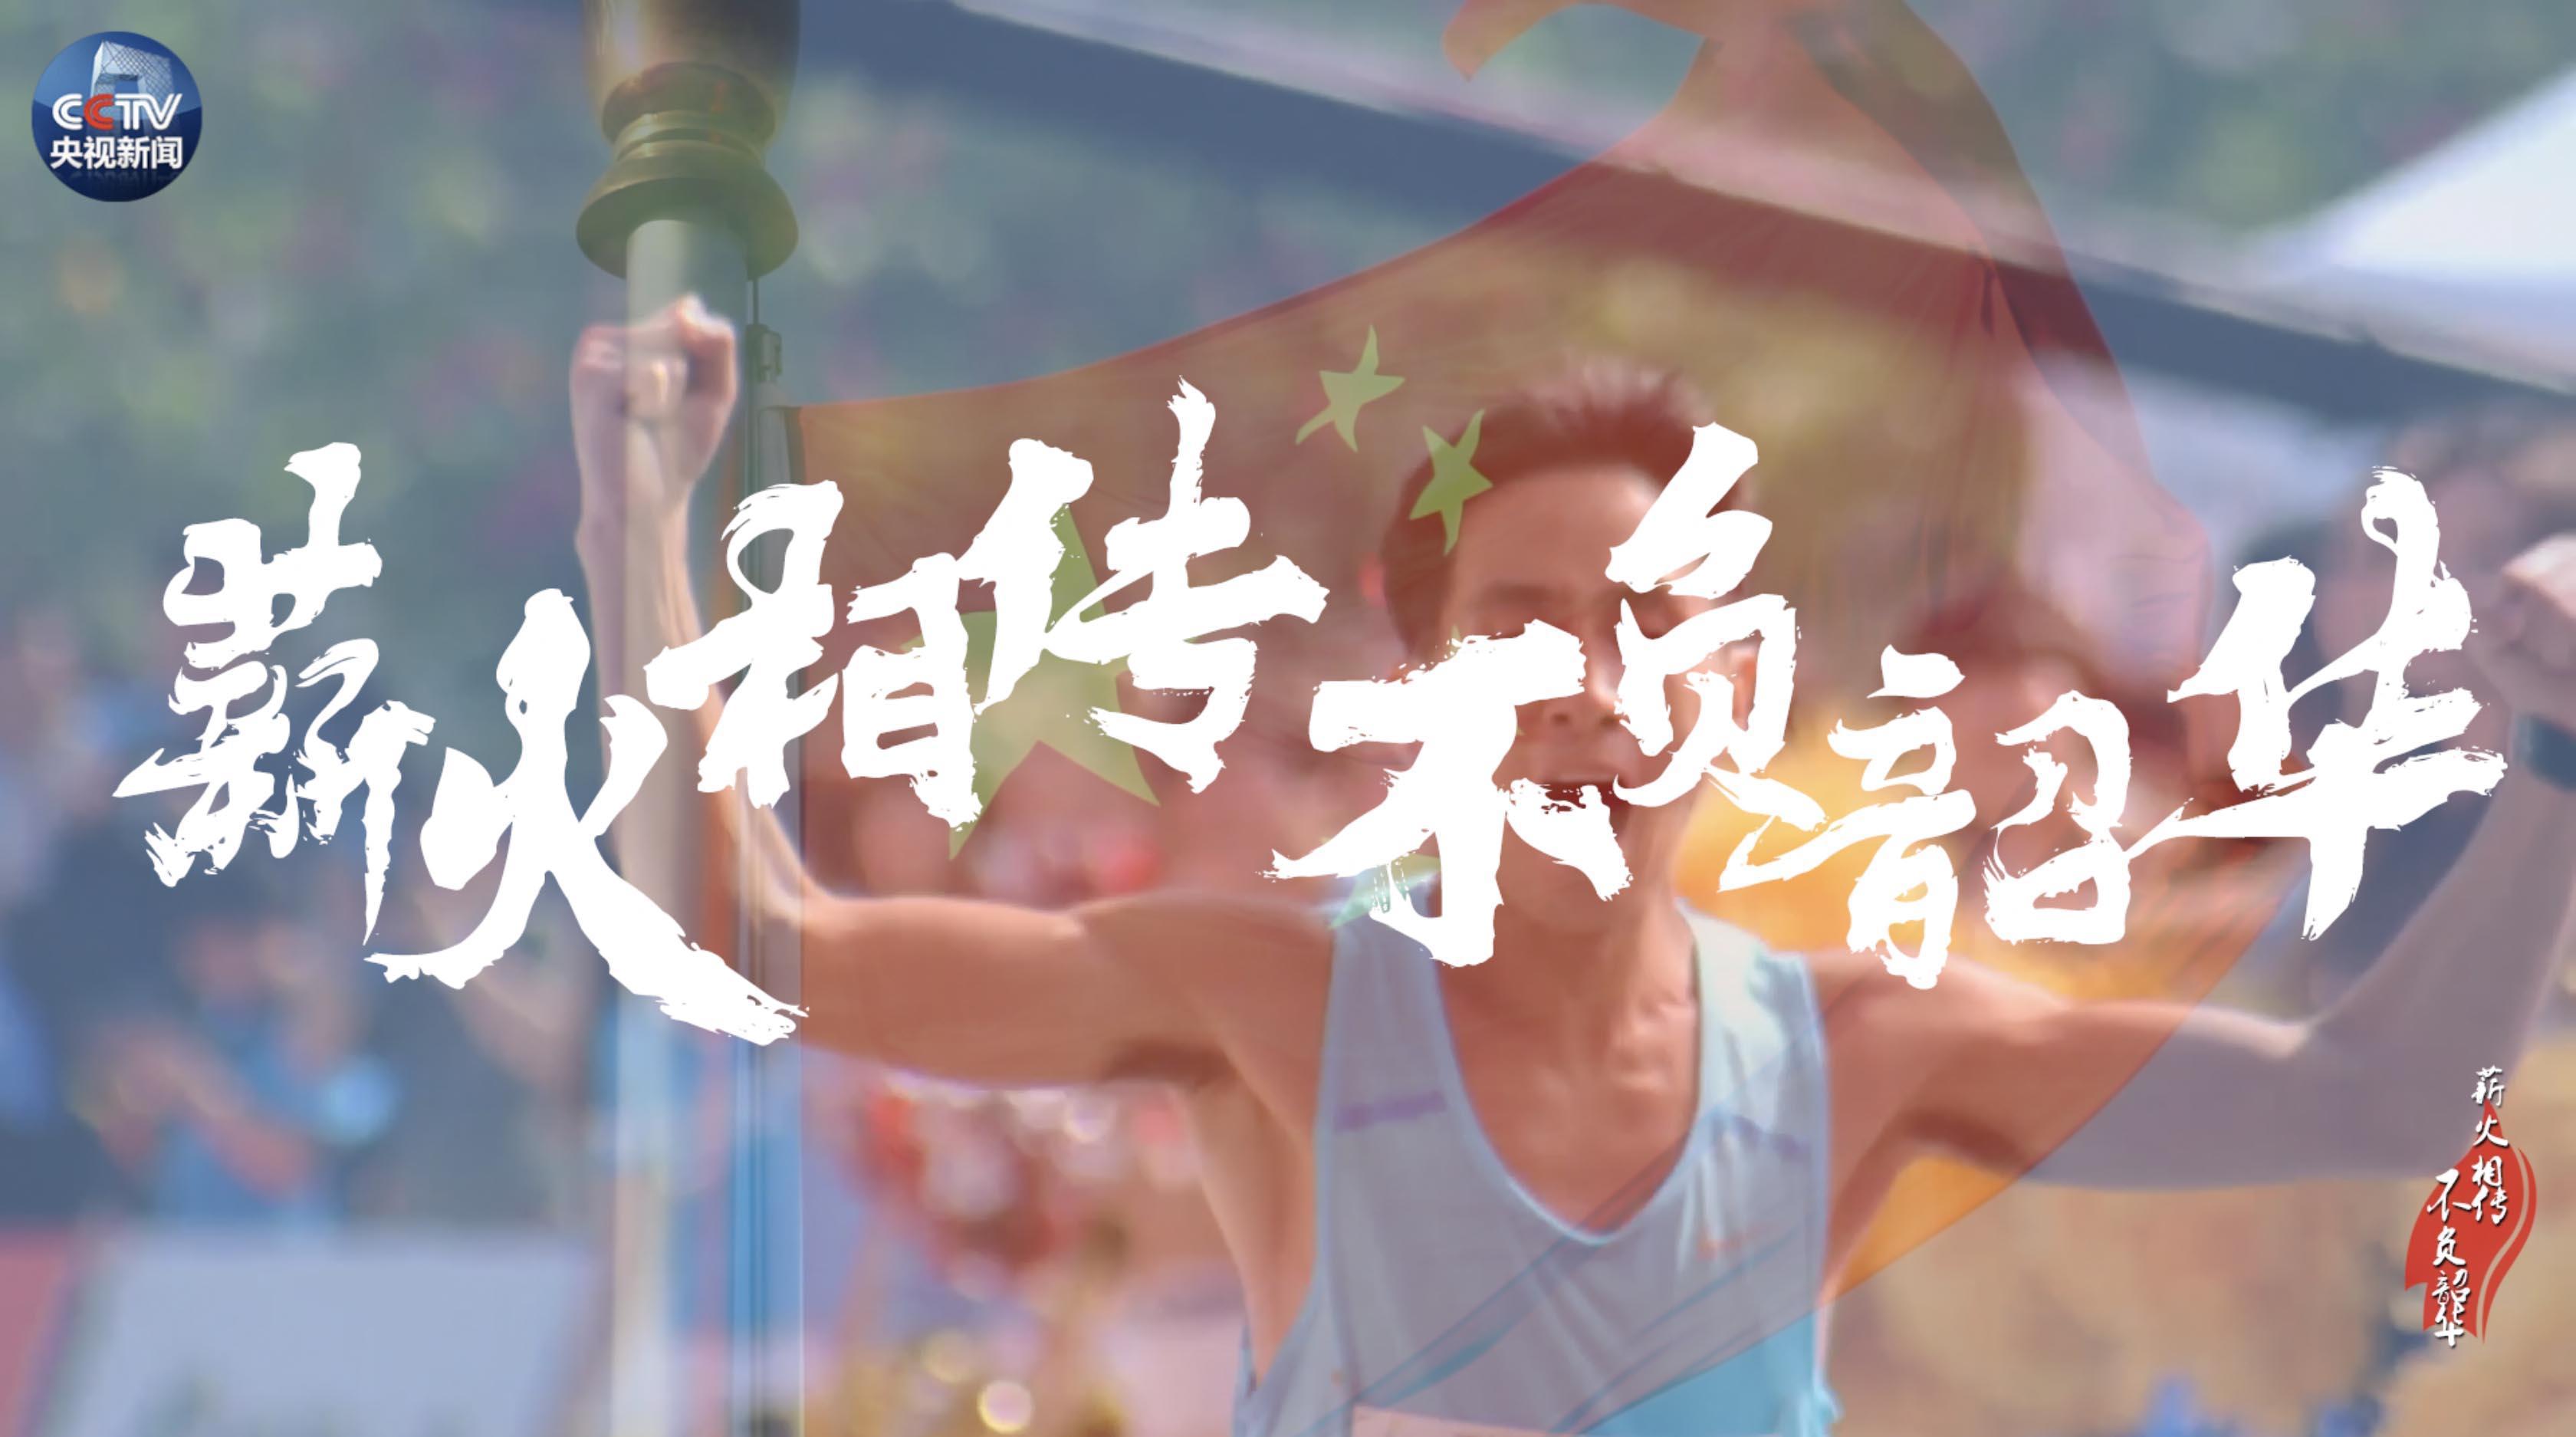 薪火相传 不负韶华-中新网